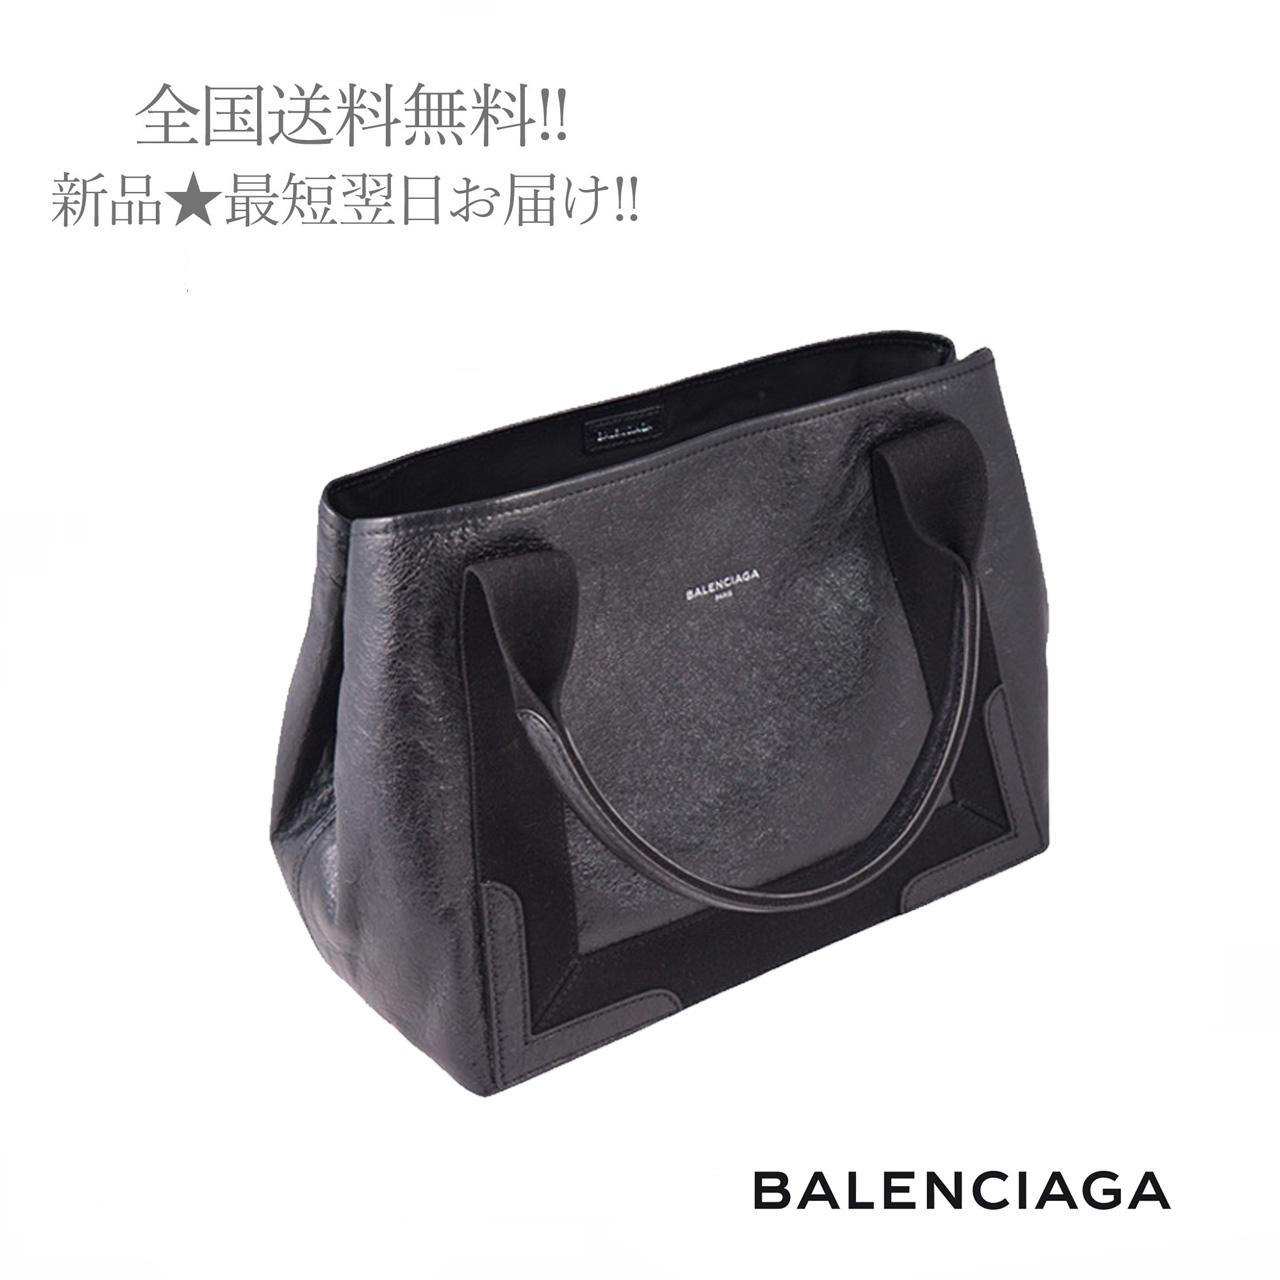 BALENCIAGA バレンシアガ カバ トートバッグ ハンドバッグ 初売り CABAS ロゴ レザー 1000 イタリア製 ブラック 引出物 S レディース 女 新品